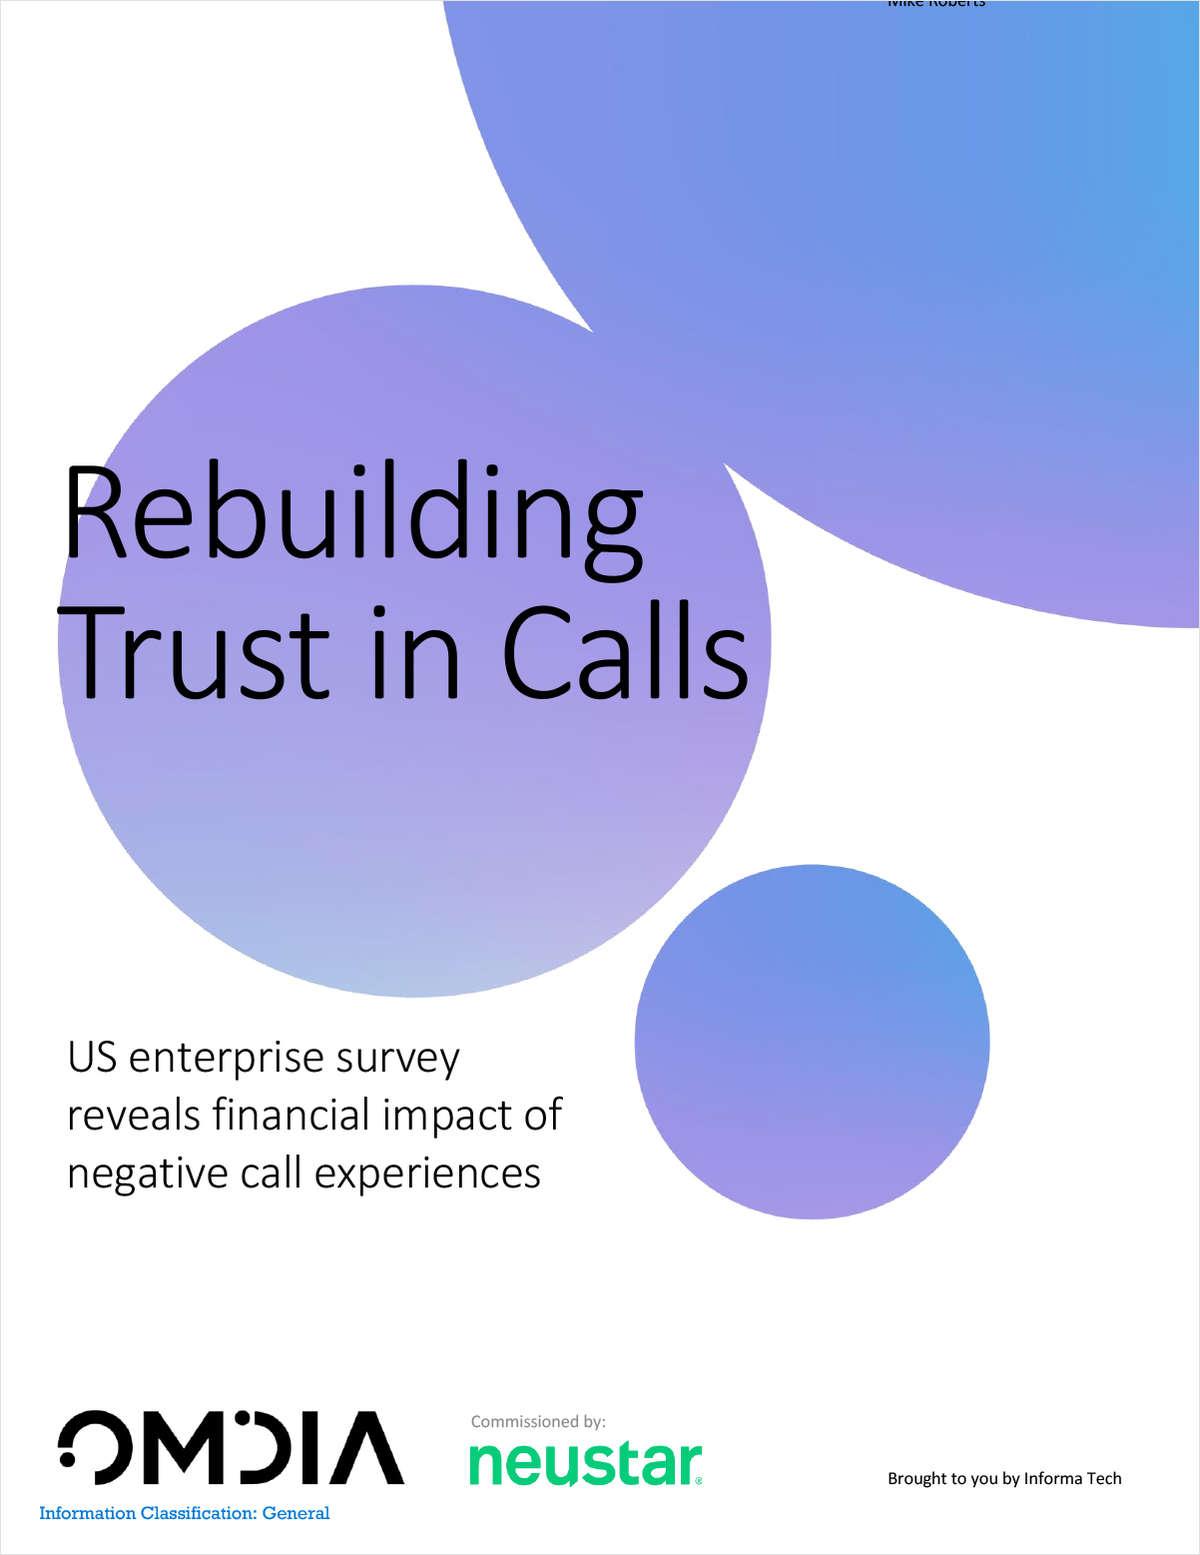 Rebuilding Trust in Calls